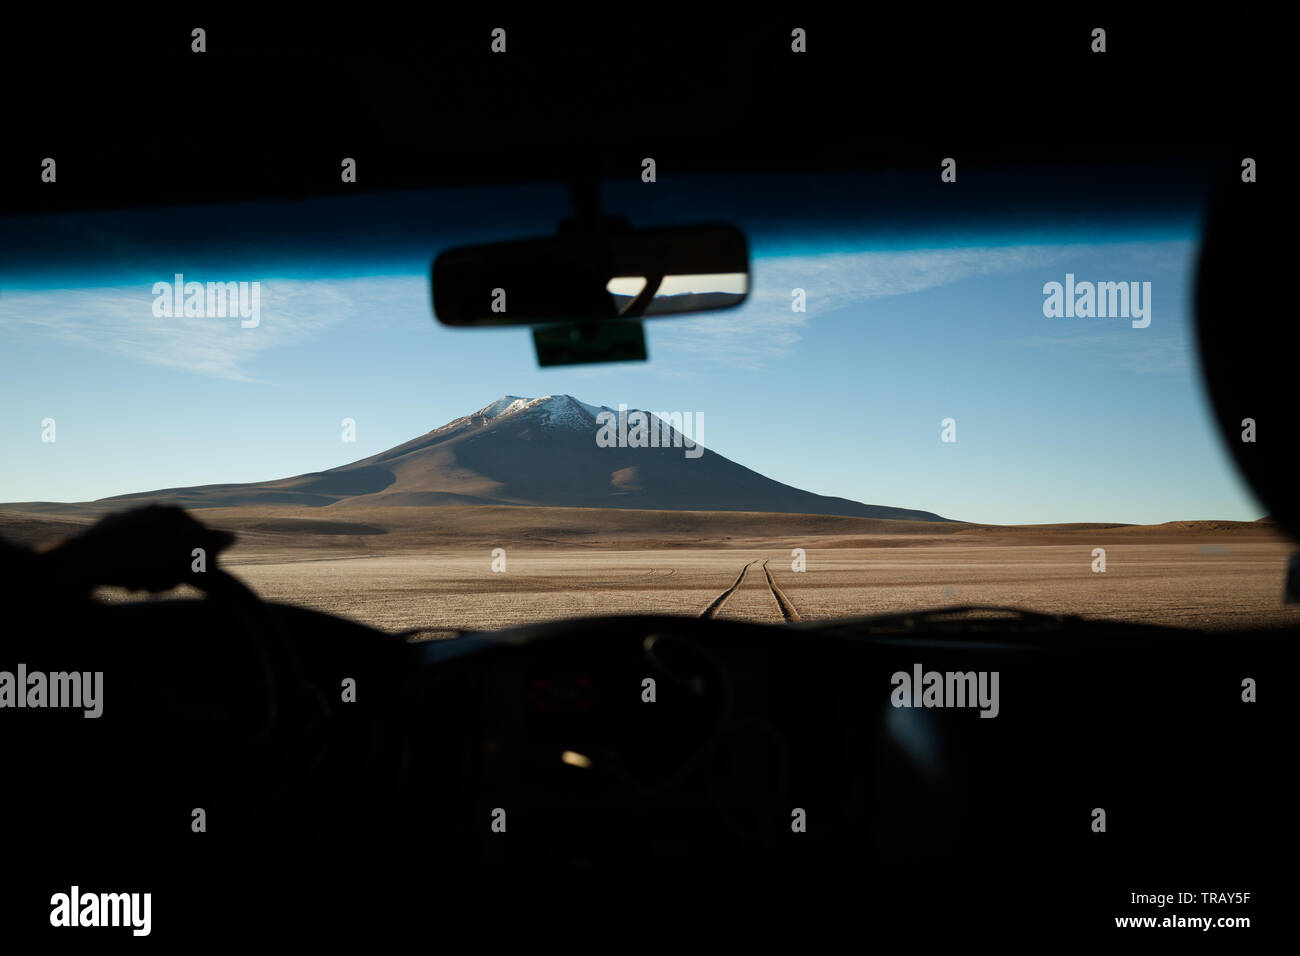 Fahren auf Feldweg in Richtung einer vulkanischen Gipfel auf dem bolivianischen Altiplano. Stockfoto